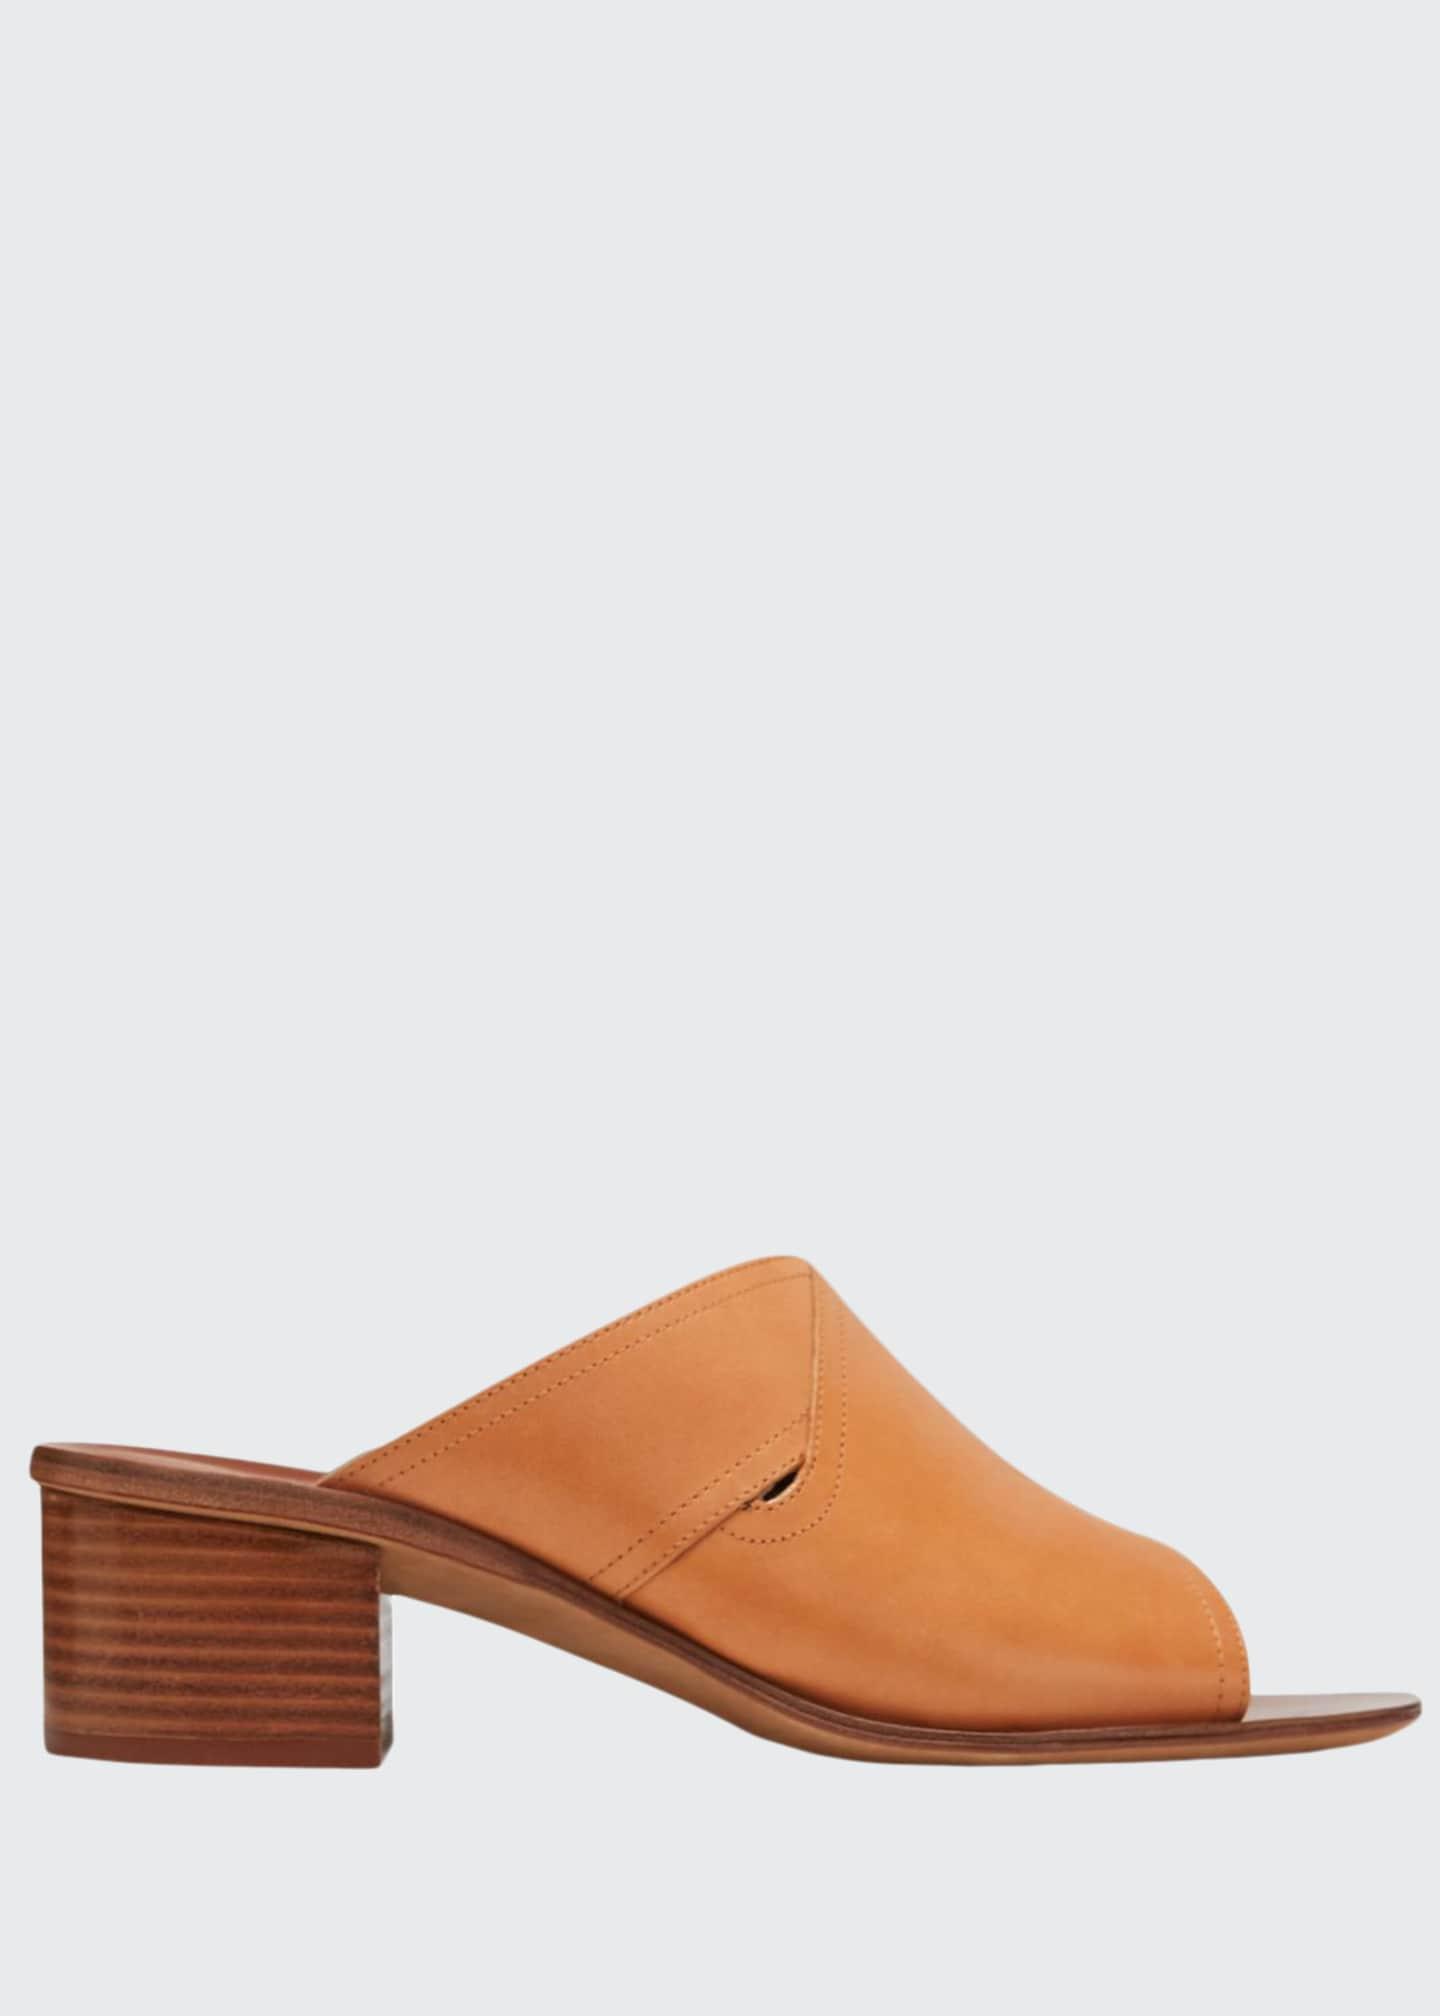 Diane von Furstenberg Hazel Leather Block-Heel Slide Sandals